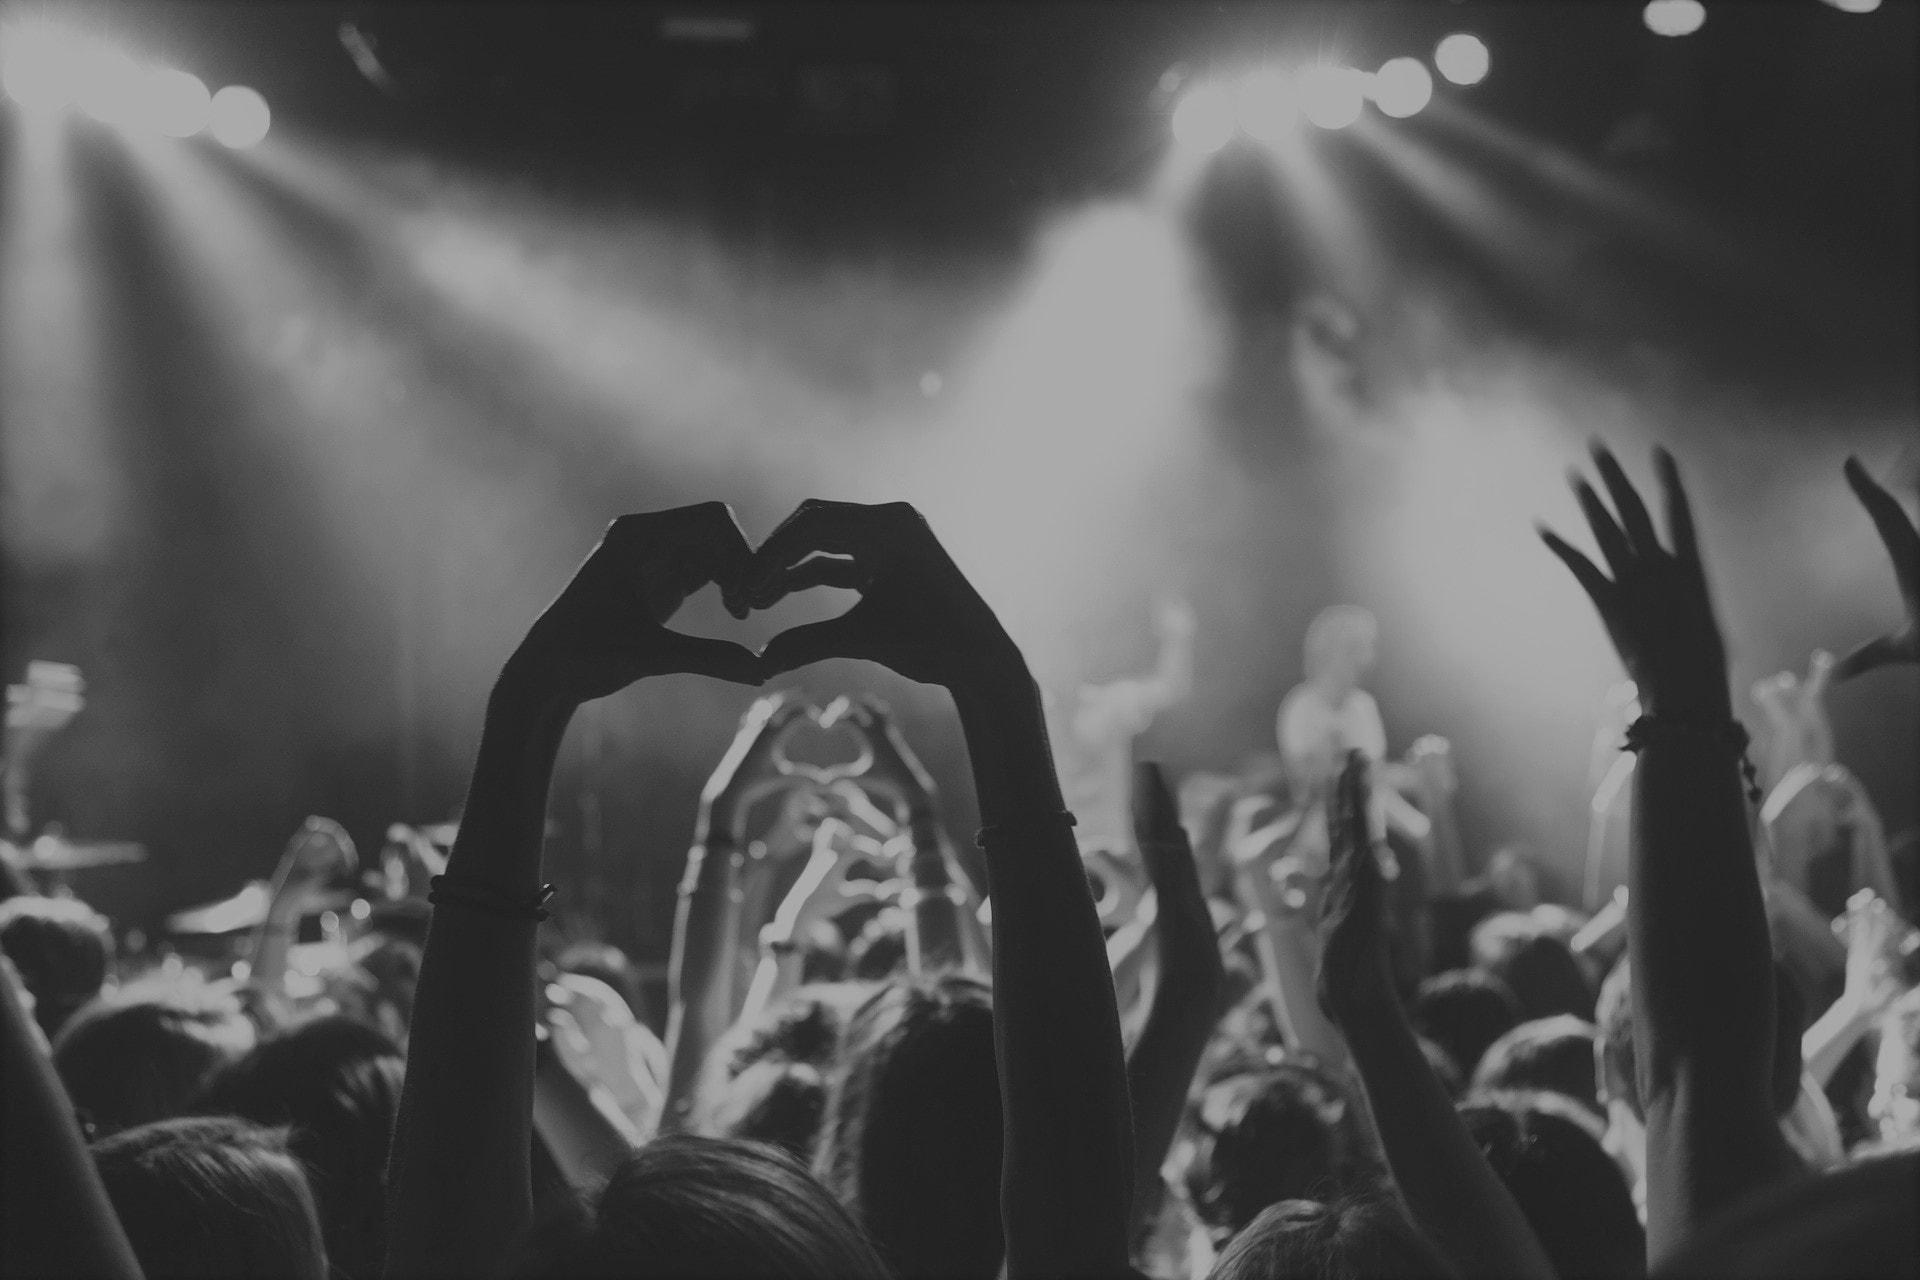 animateur de communauté,gestionnaire de communauté,community manager,community management,monétiser une audience,entreprise,freelance,Nancy,Grand-Est,réseaux sociaux,image,expert,internet,web,modérateurs,influenceurs,e-réputation,chats,référencement naturel,événements